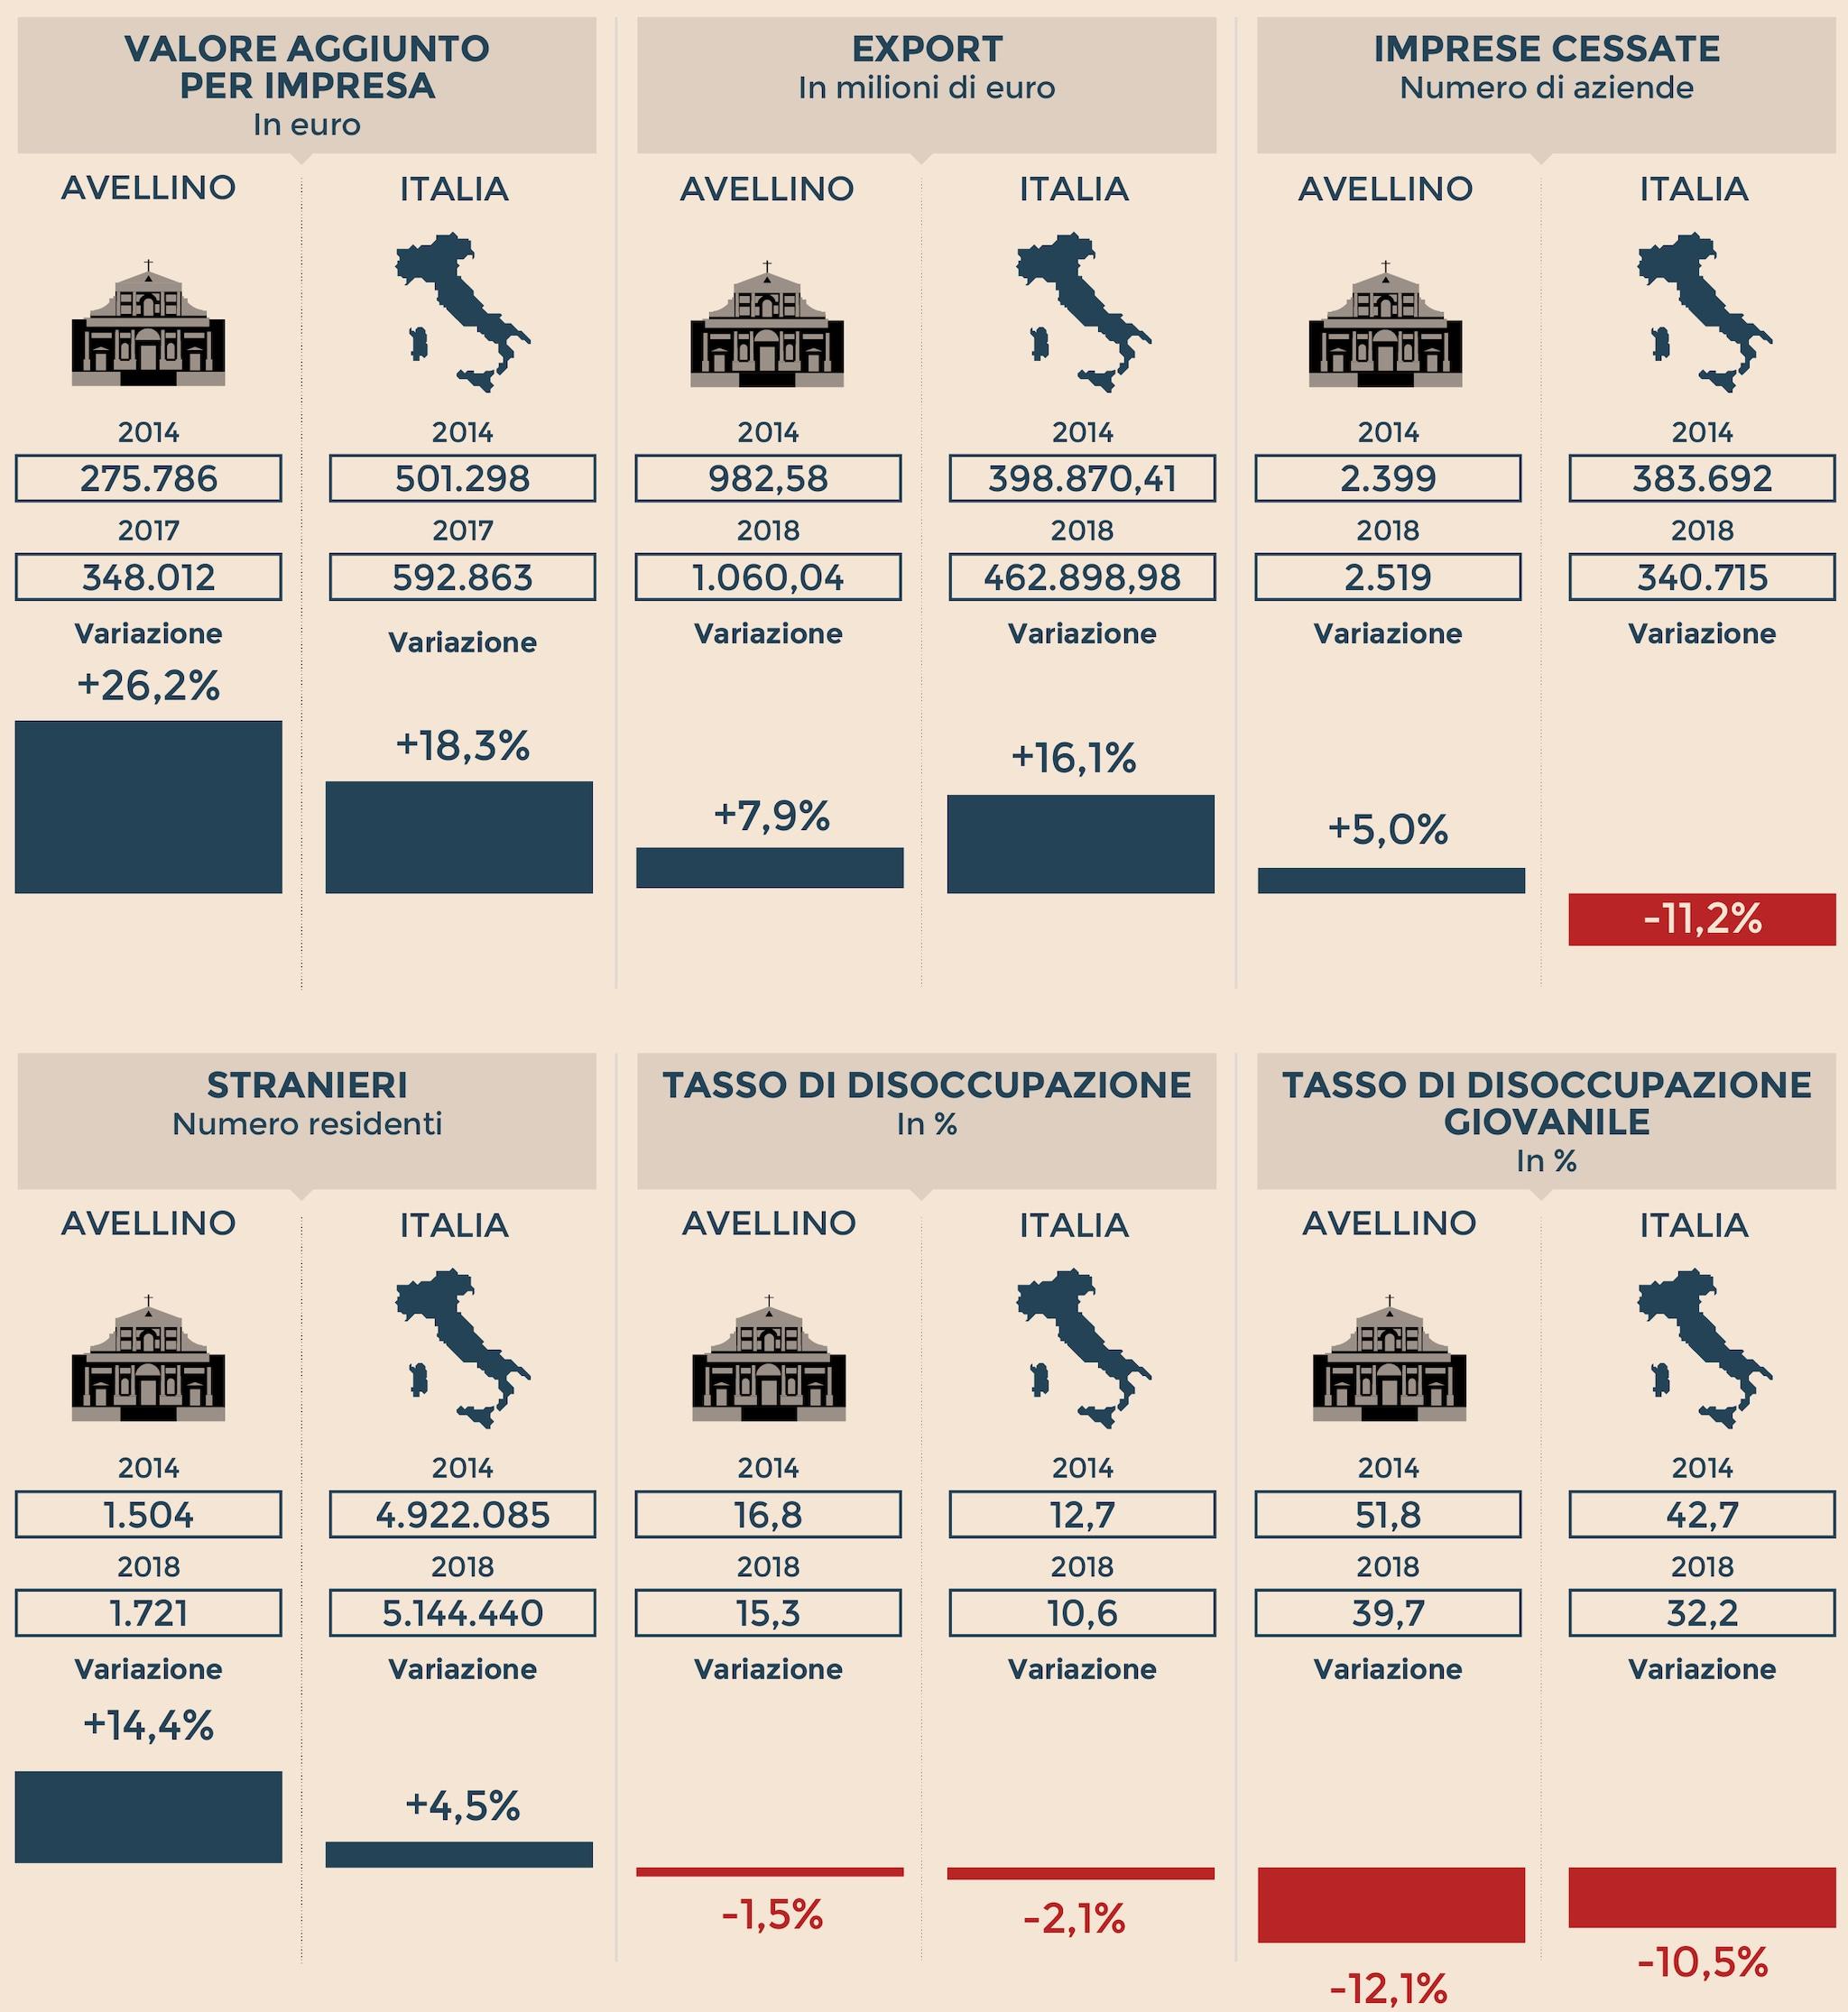 L'IDENTIKIT ECONOMICO DI AVELLINO